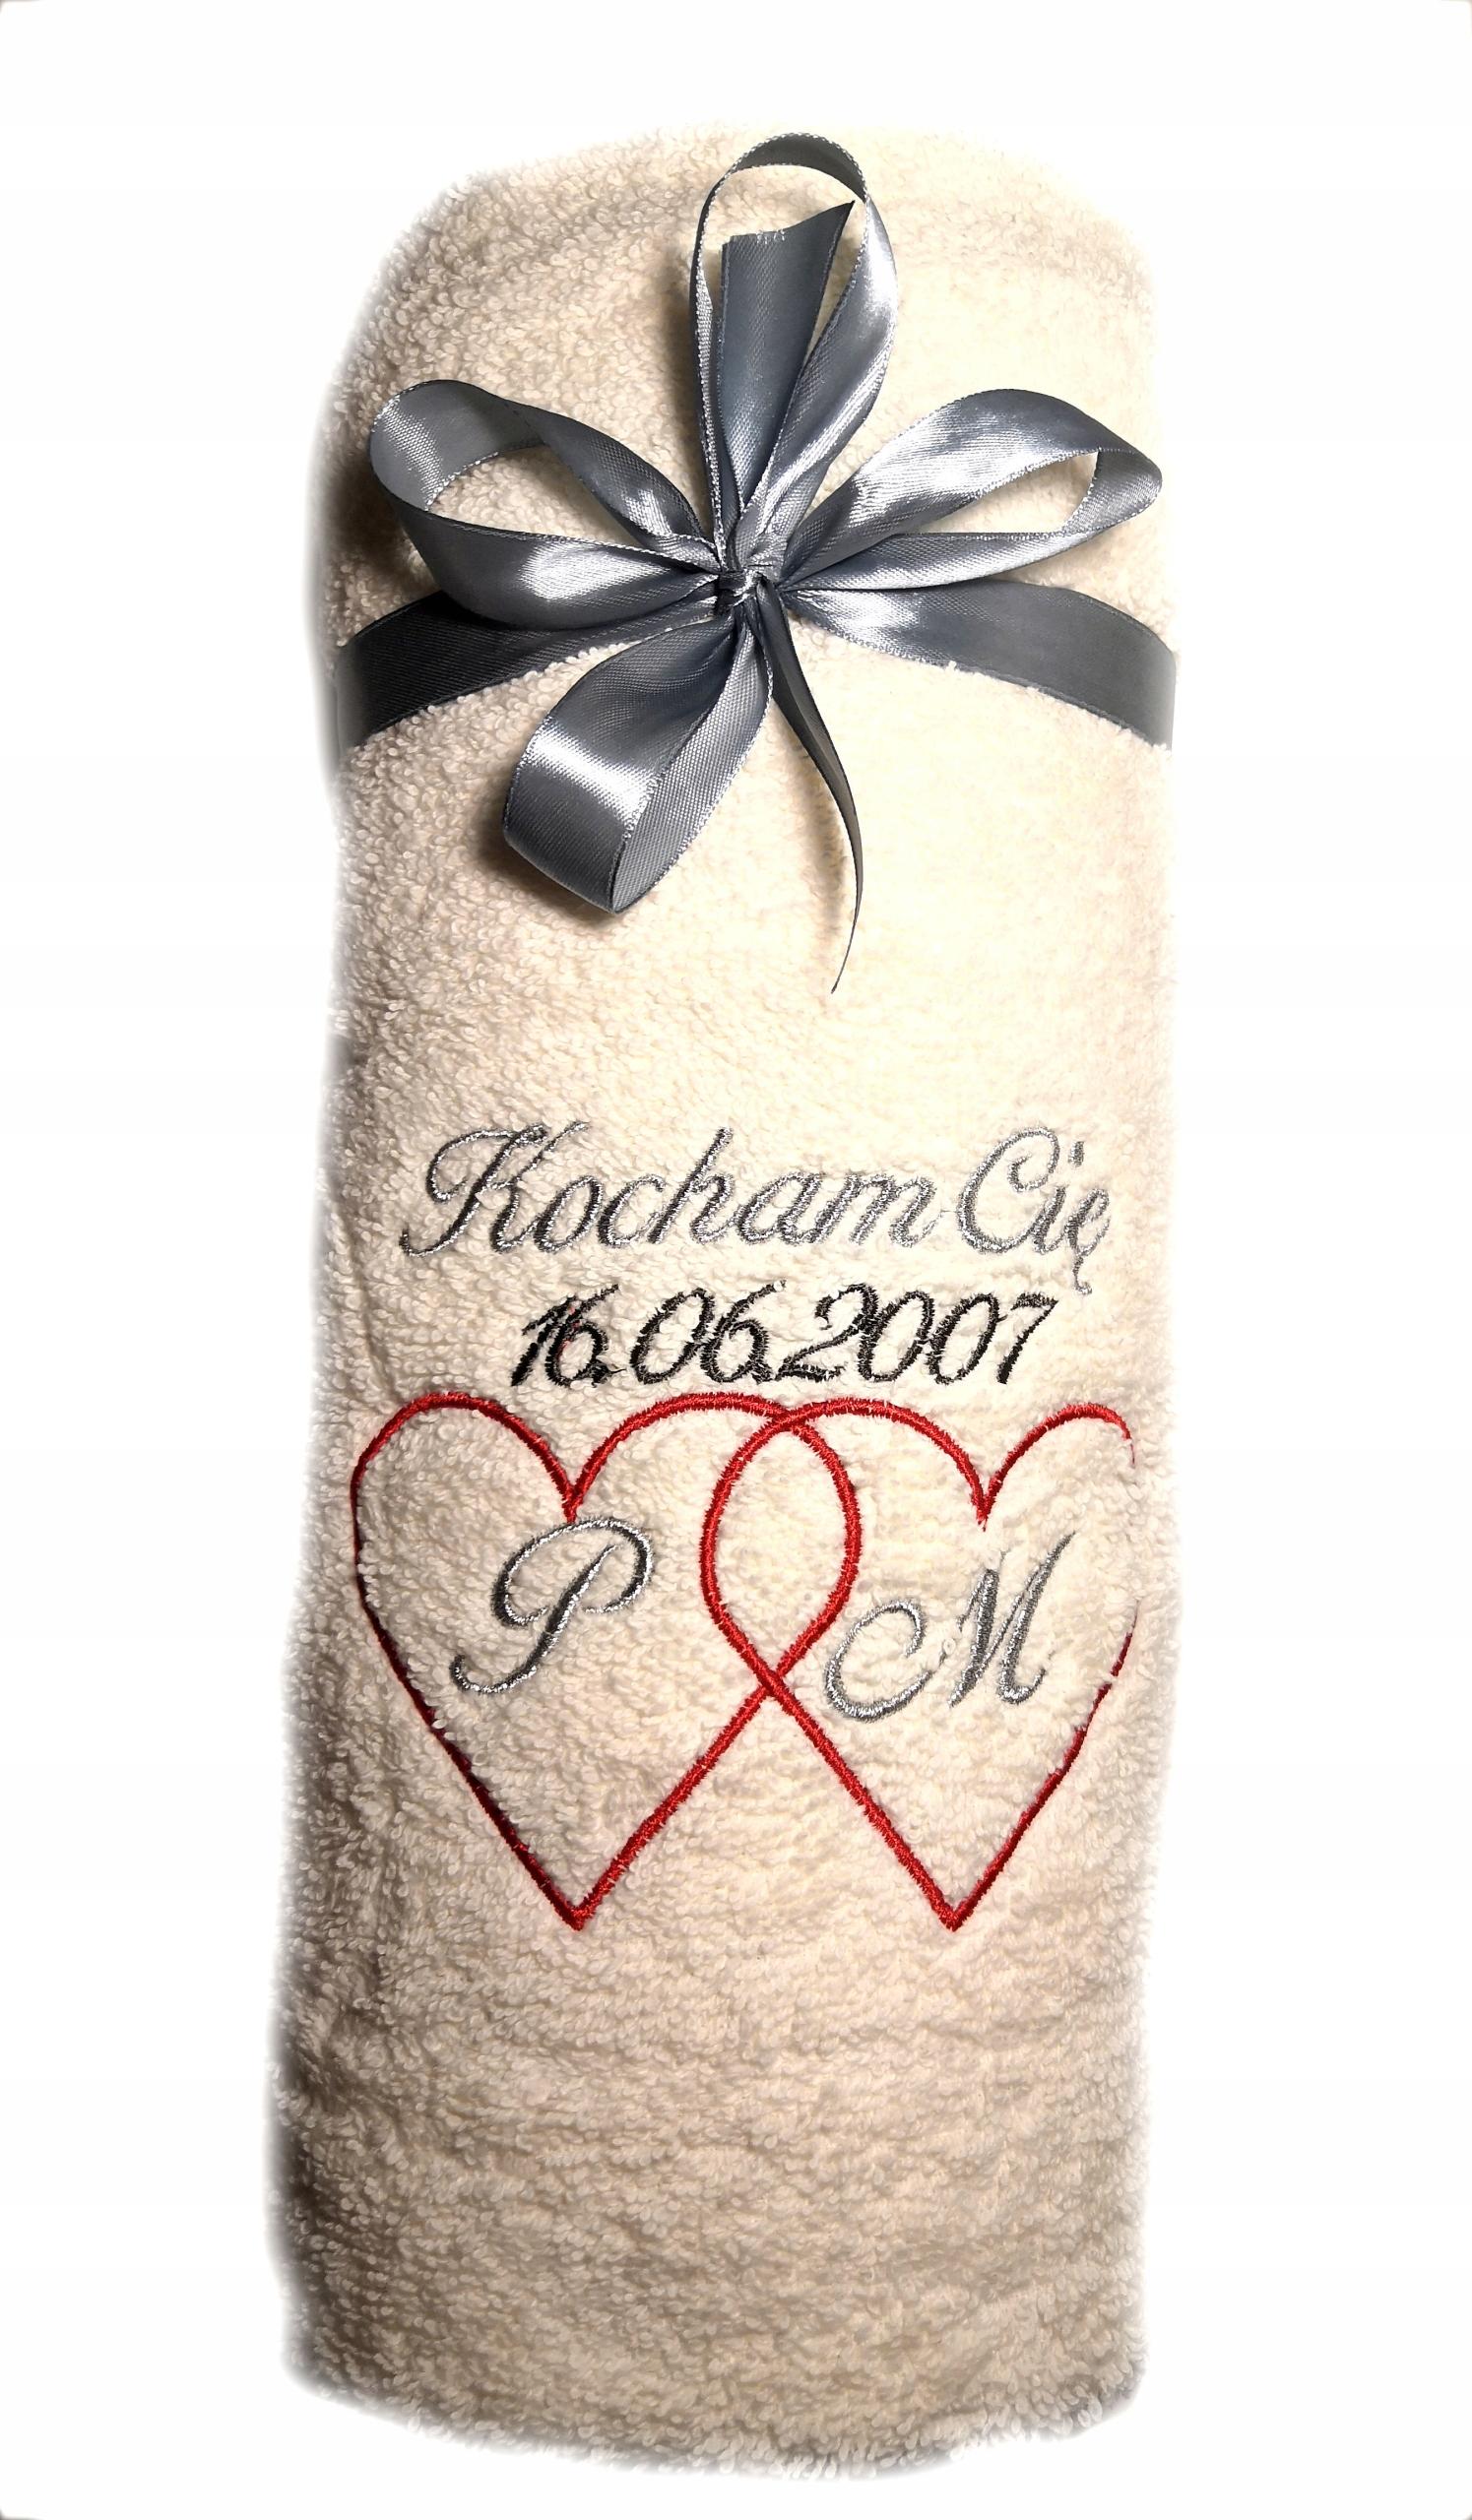 полотенце надпись имя подарок ему ее день святого валентина